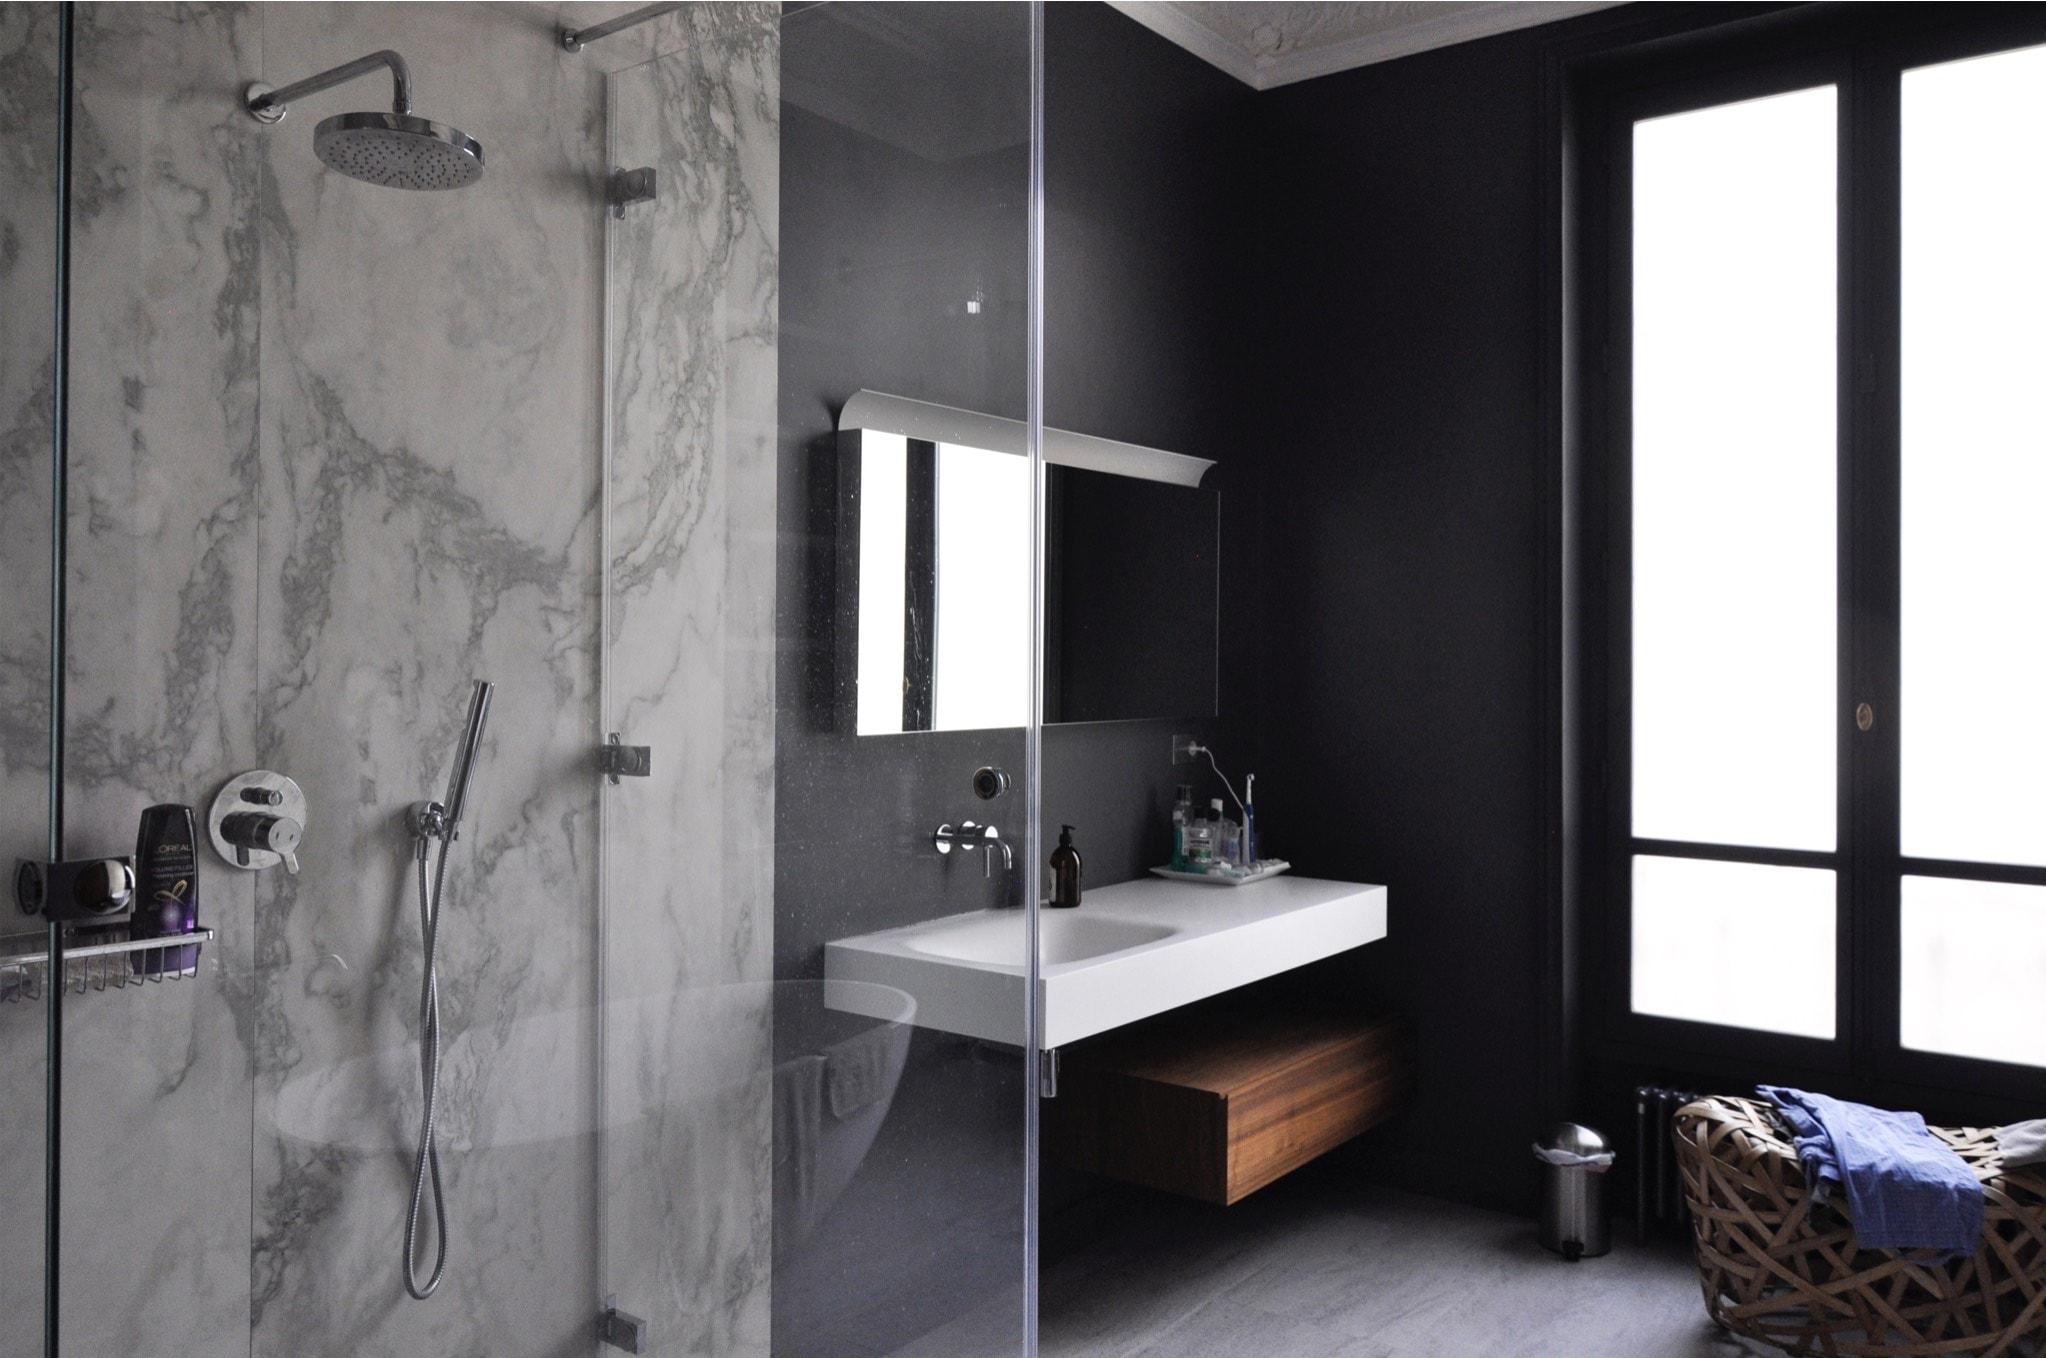 Salle de bain moderne dans les tons gris